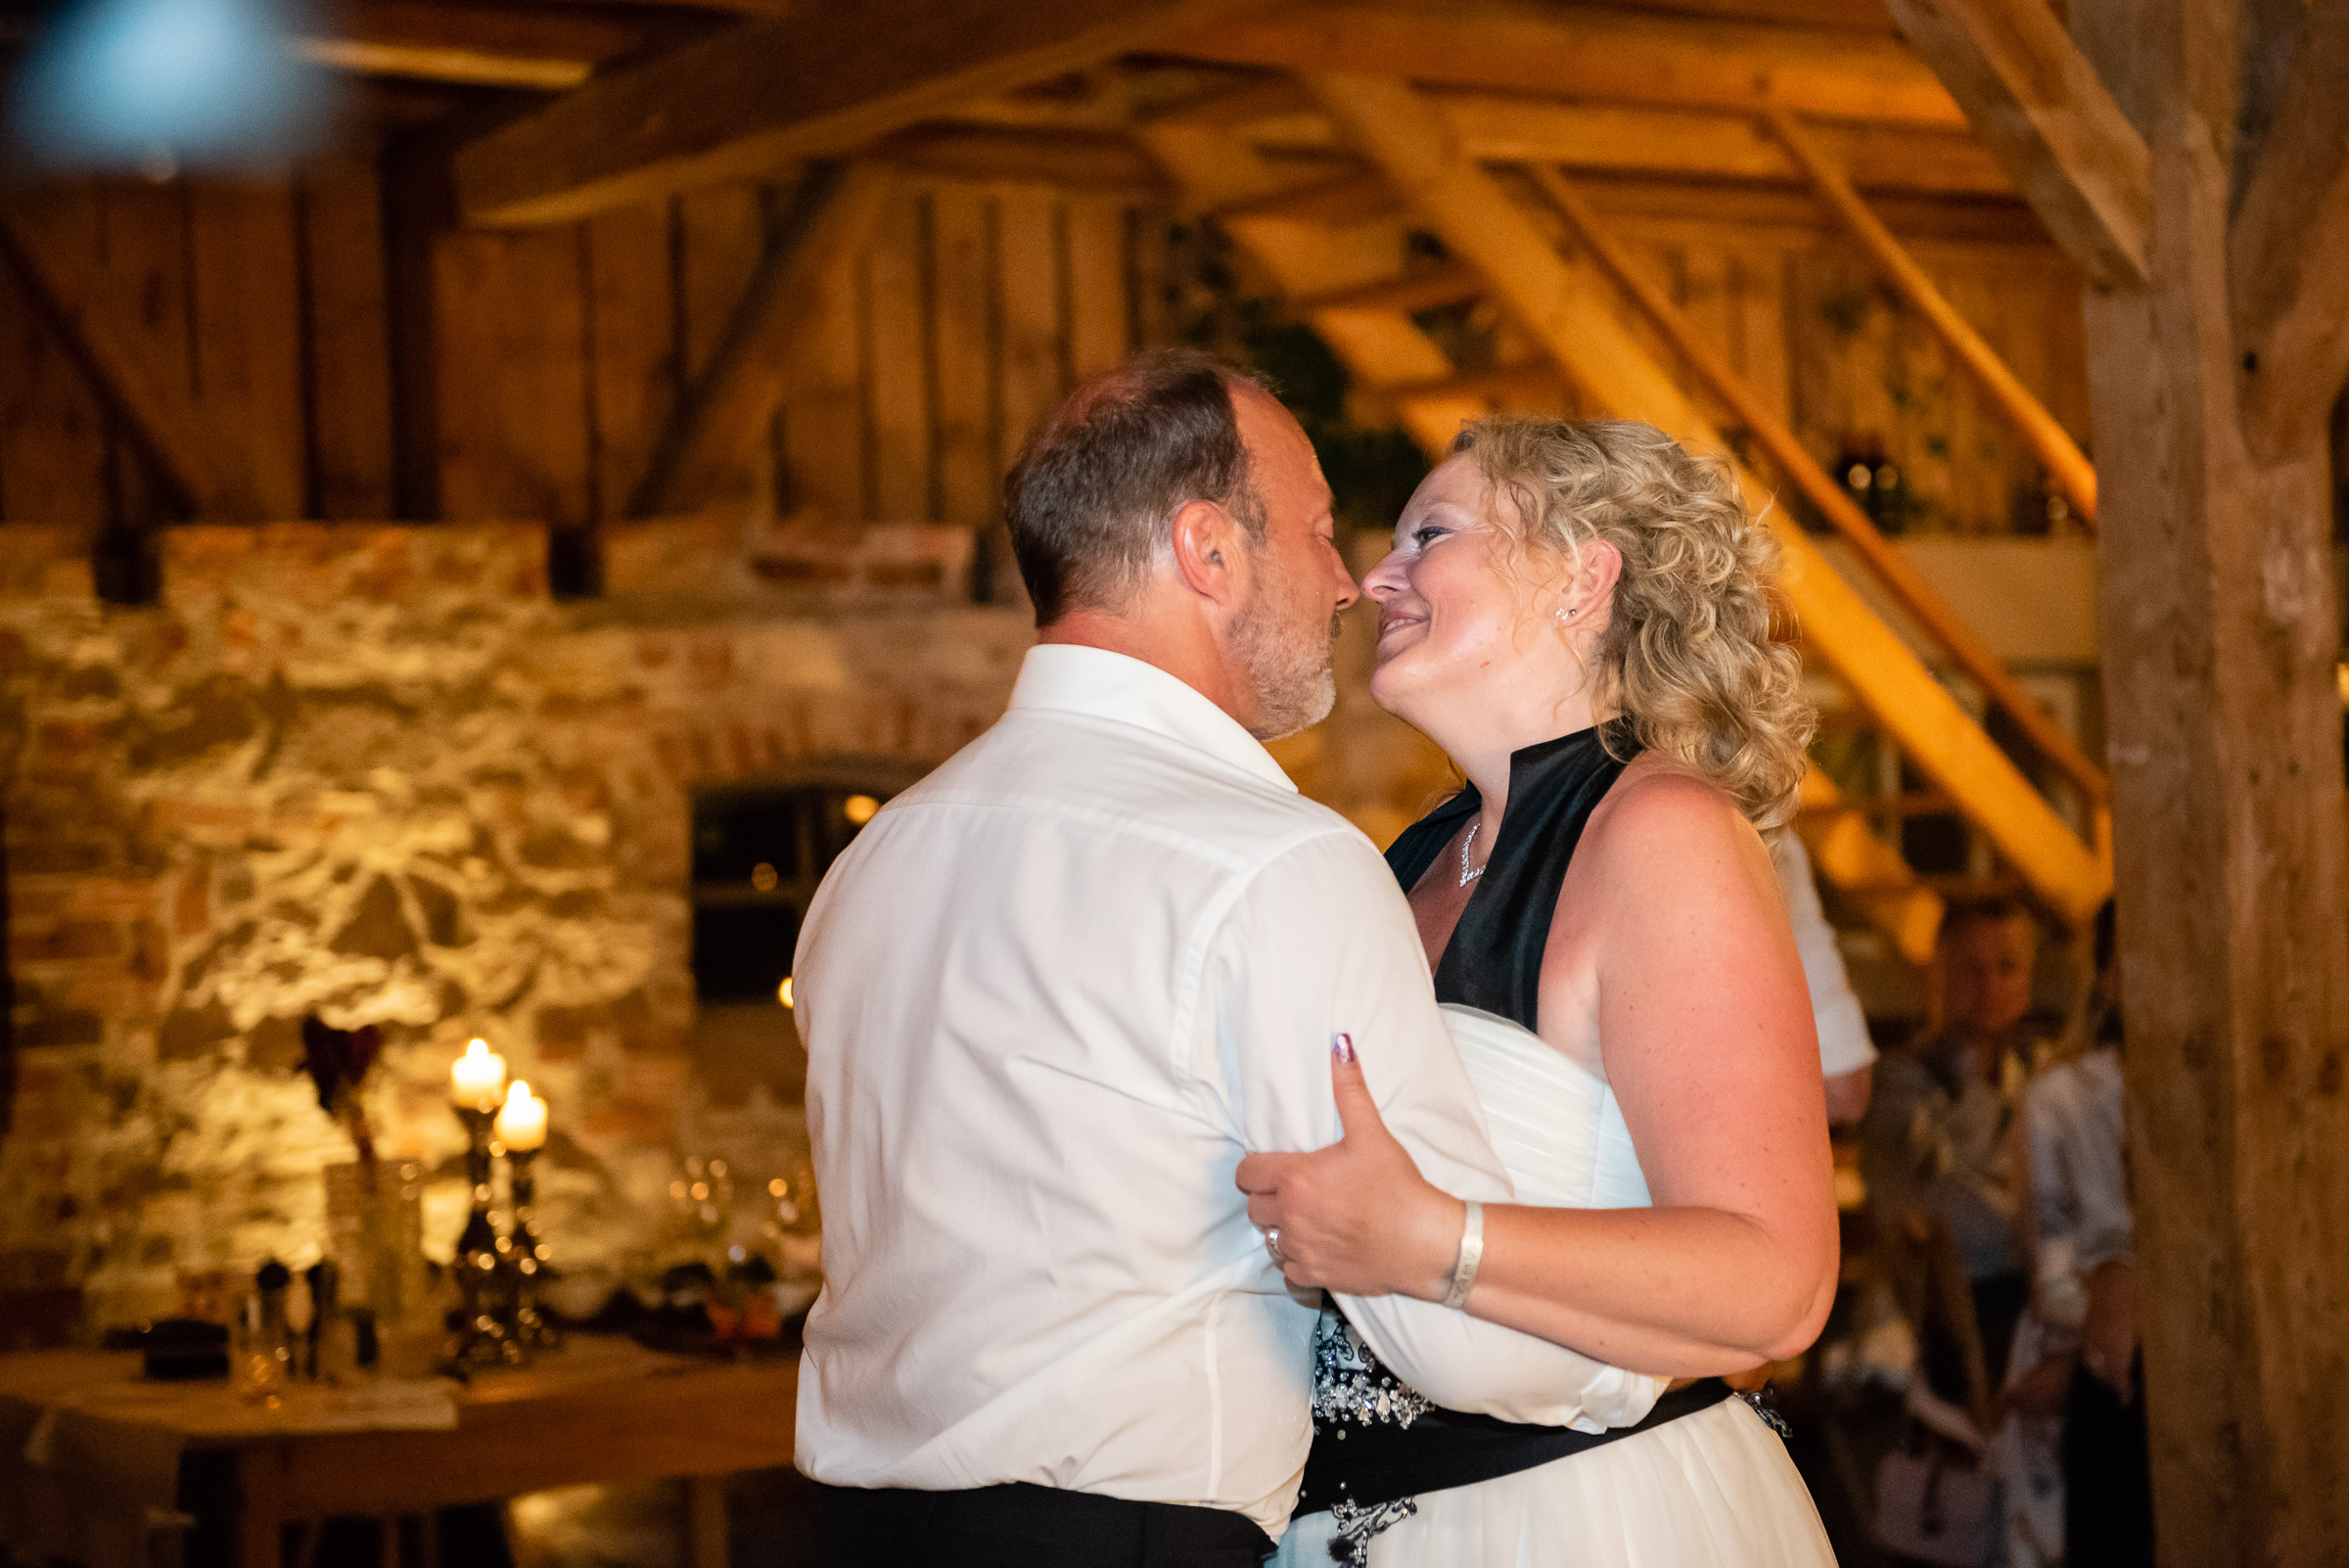 Hochzeitsfotograf-Straubing-Parsberg-Hilzhofen00024.jpg